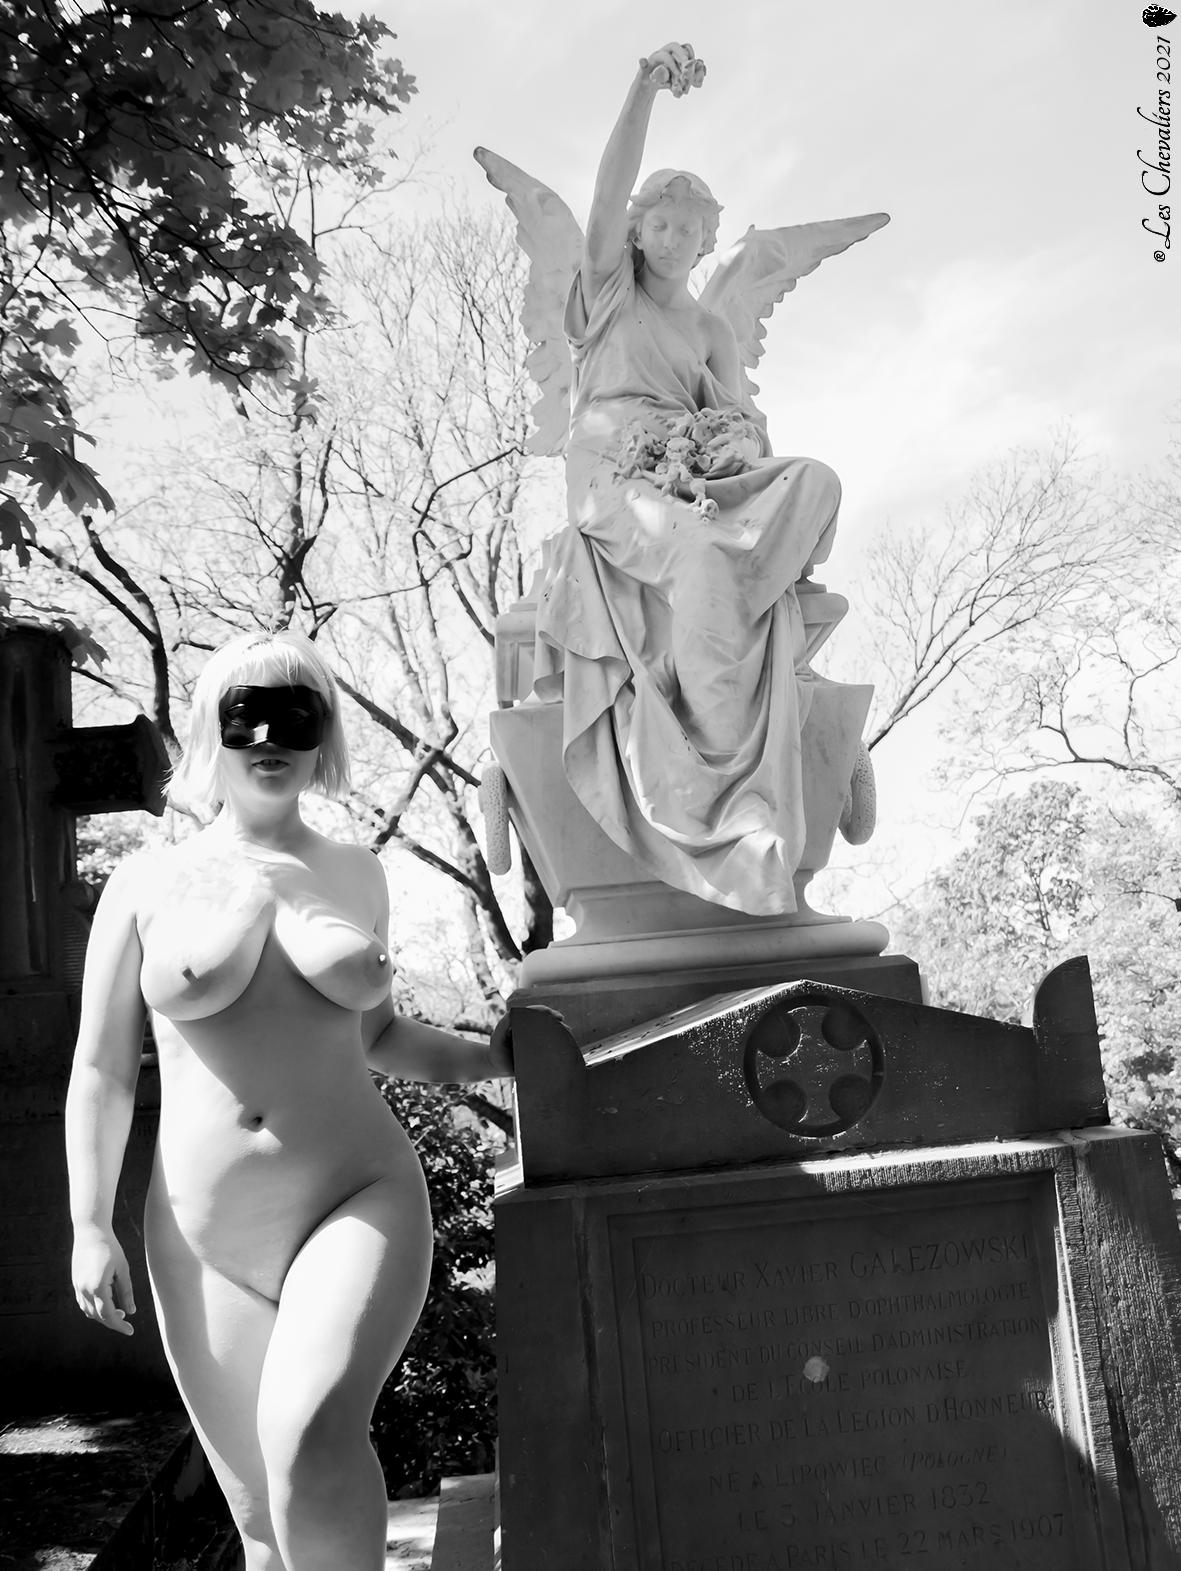 """Ange et Sucube, une photo de la collection """"Performance"""" par Les Chevaliers Photographes."""